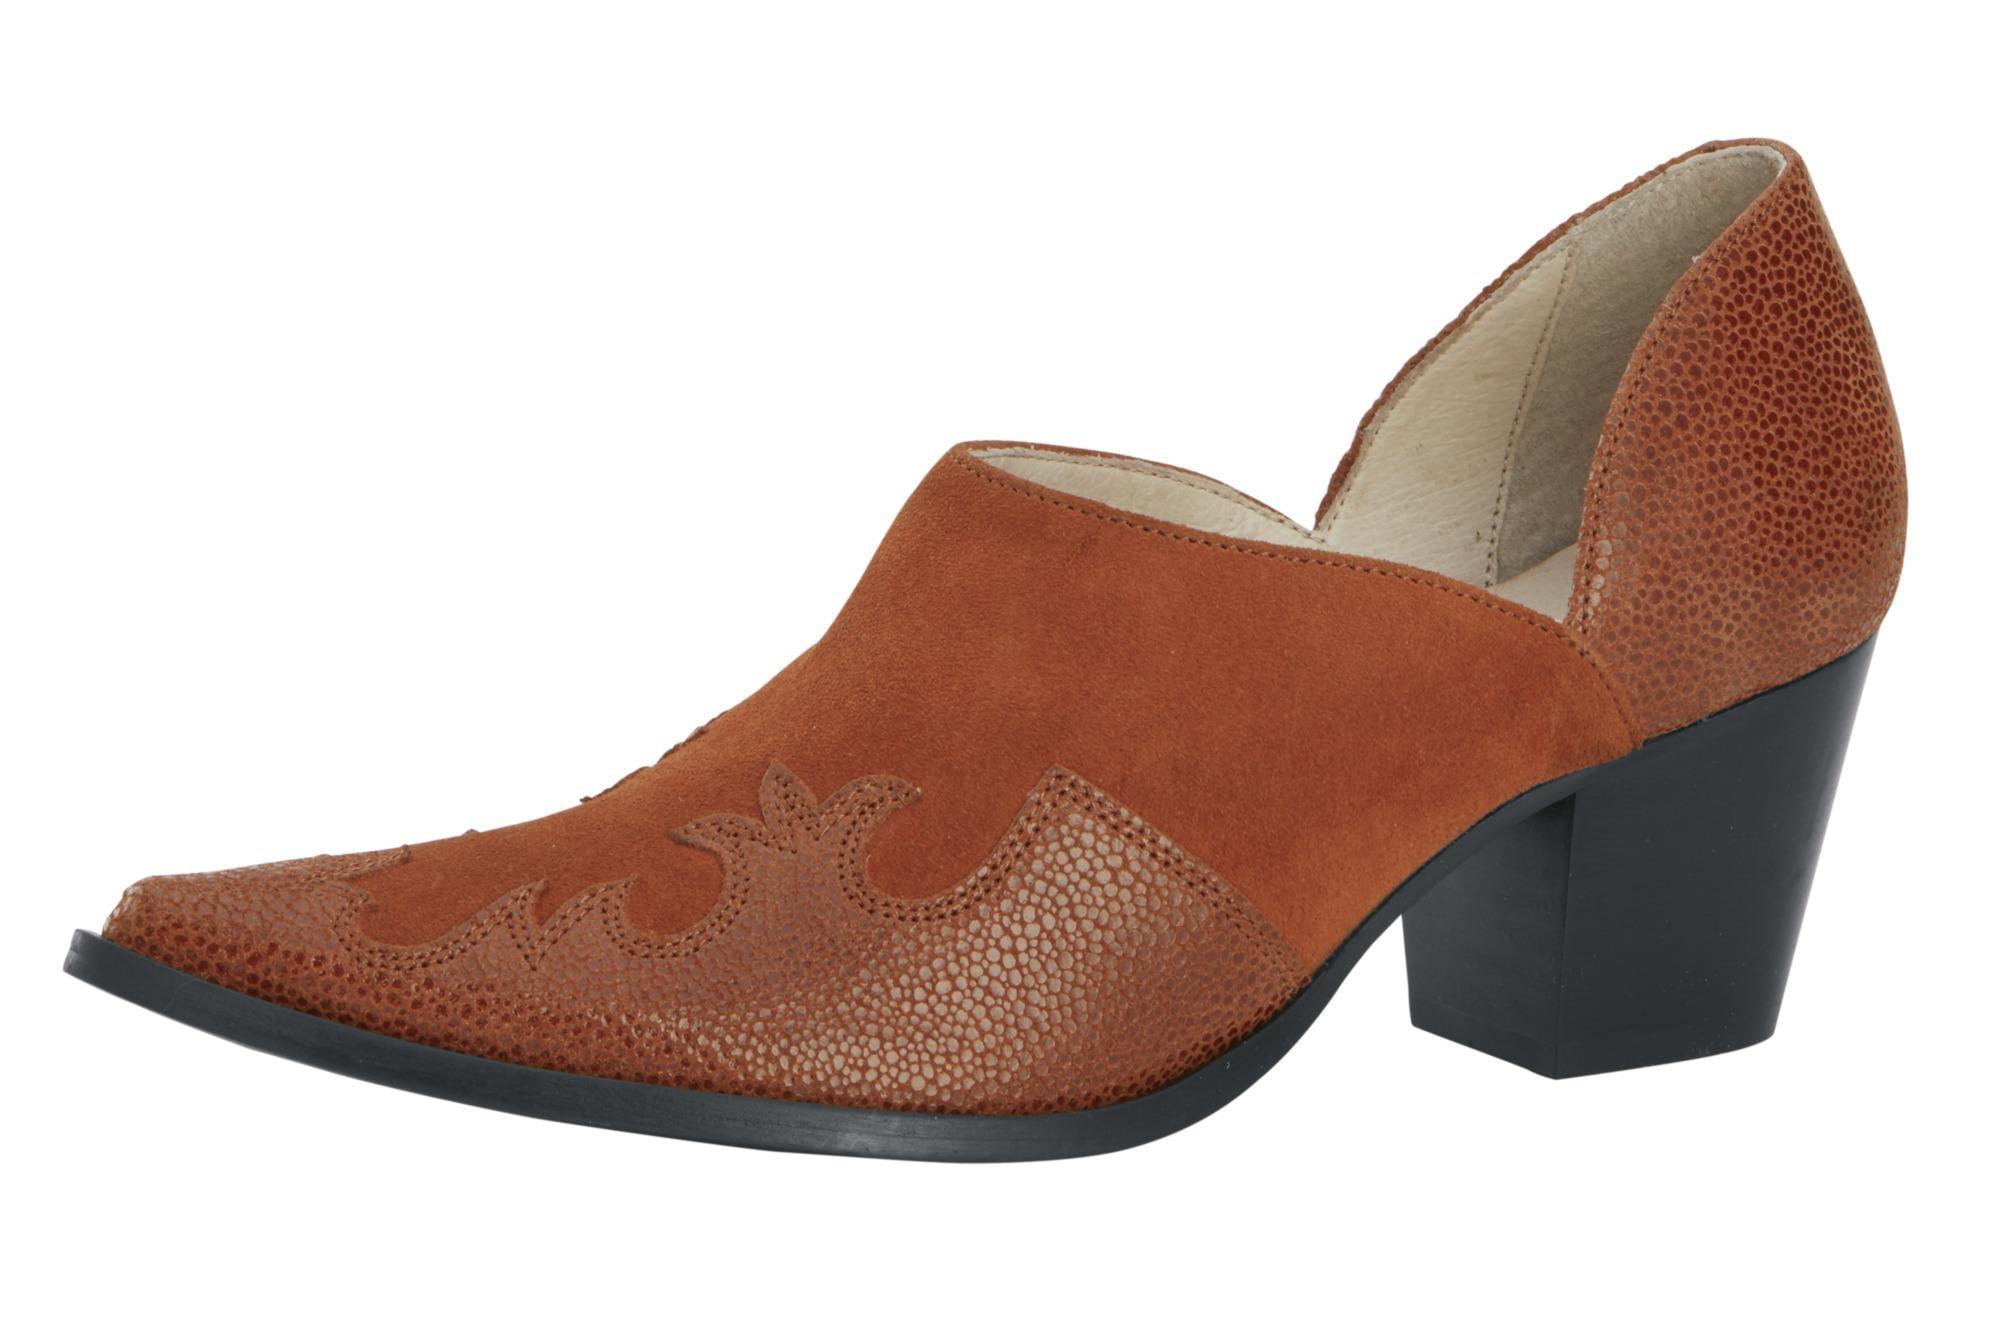 Hochfrontpumps | Schuhe > Pumps > Hochfrontpumps | Cognac | heine